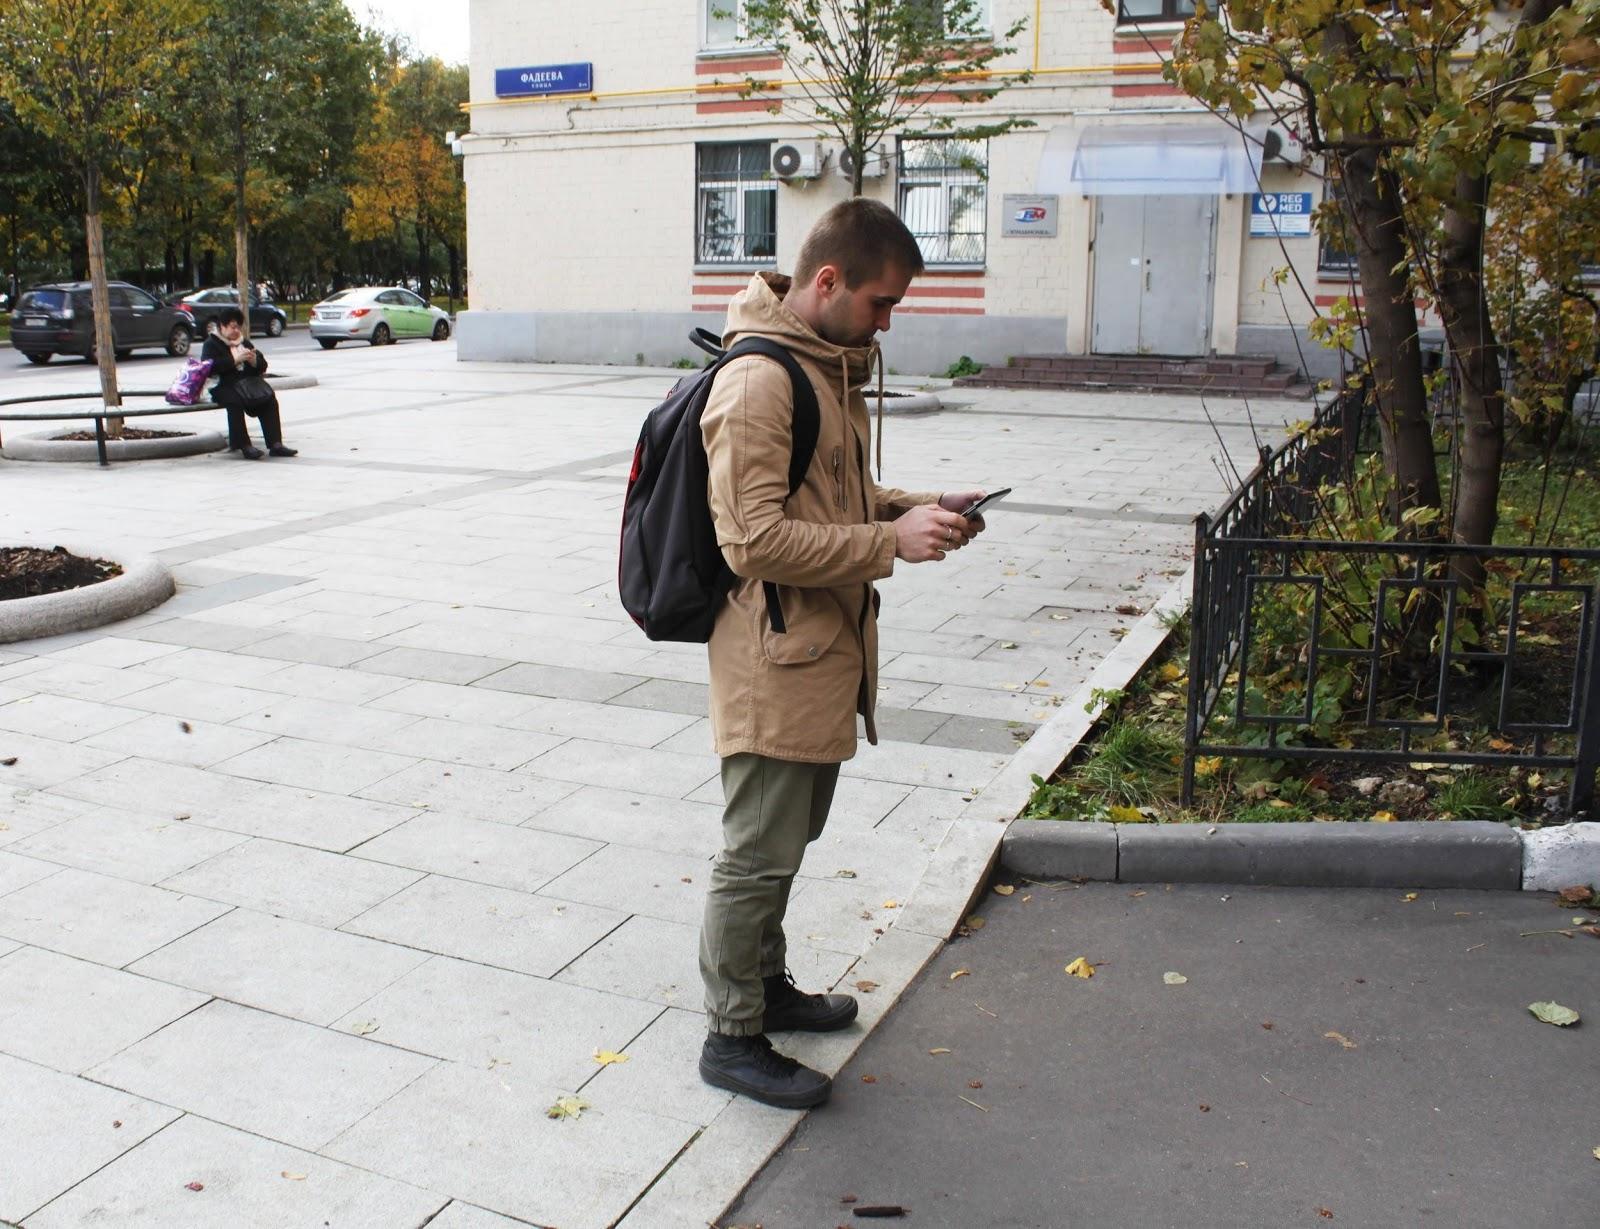 Ежики на колесах: как мы поддерживаем качество связи в Москве - 9